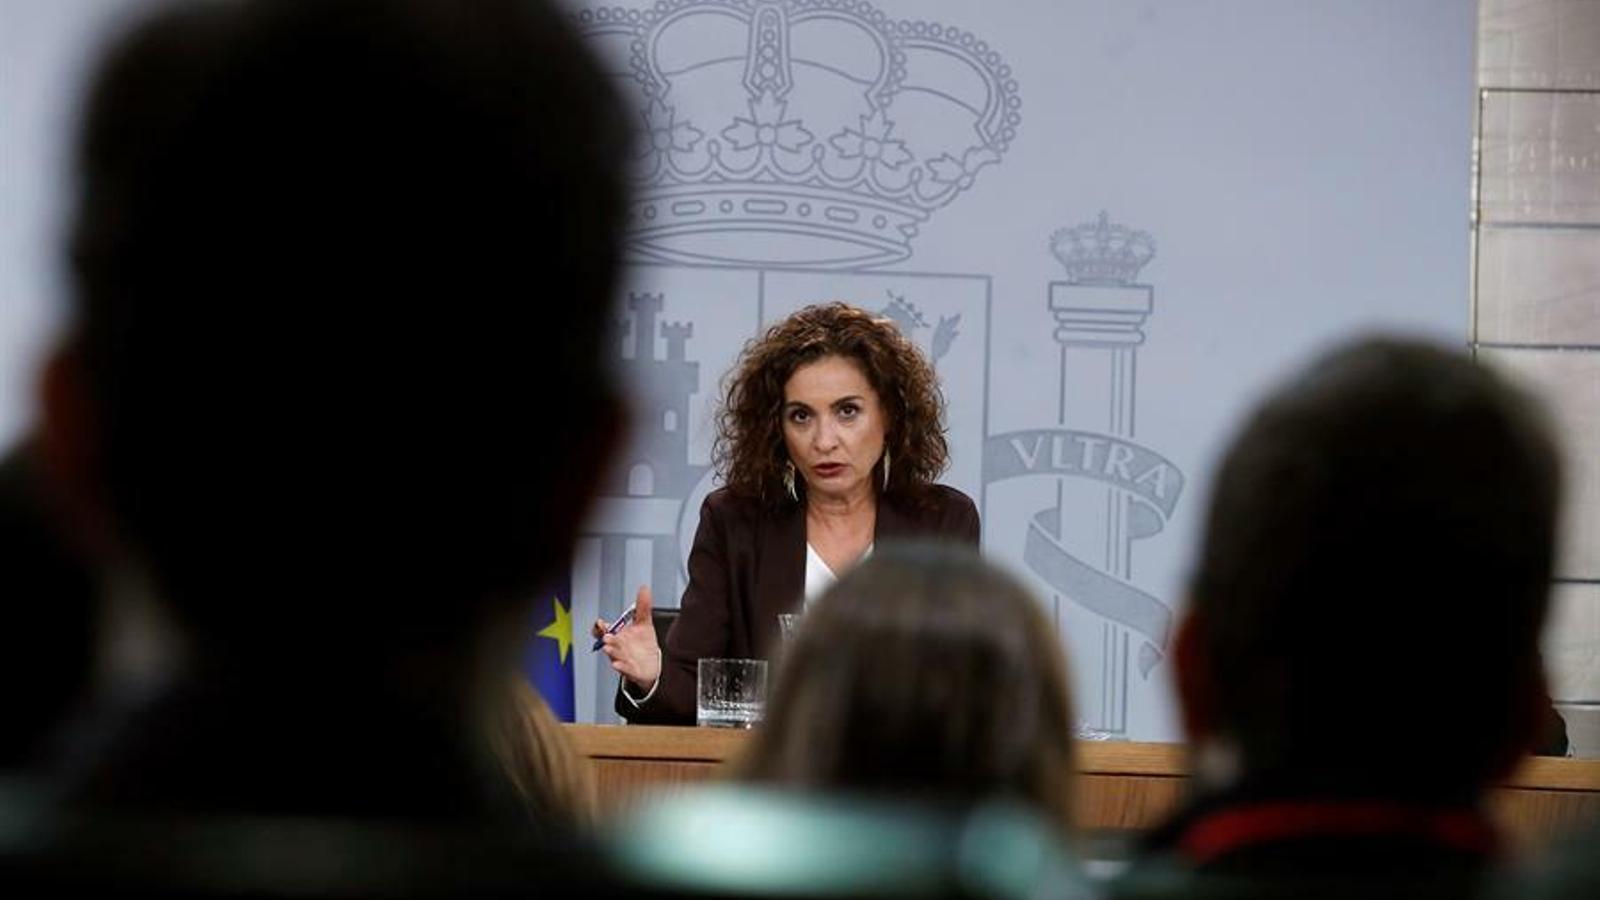 La portaveu del govern espanyol i ministra d'Hisenda, María Jesús Montero, durant la roda de premsa posterior al consell de ministres.